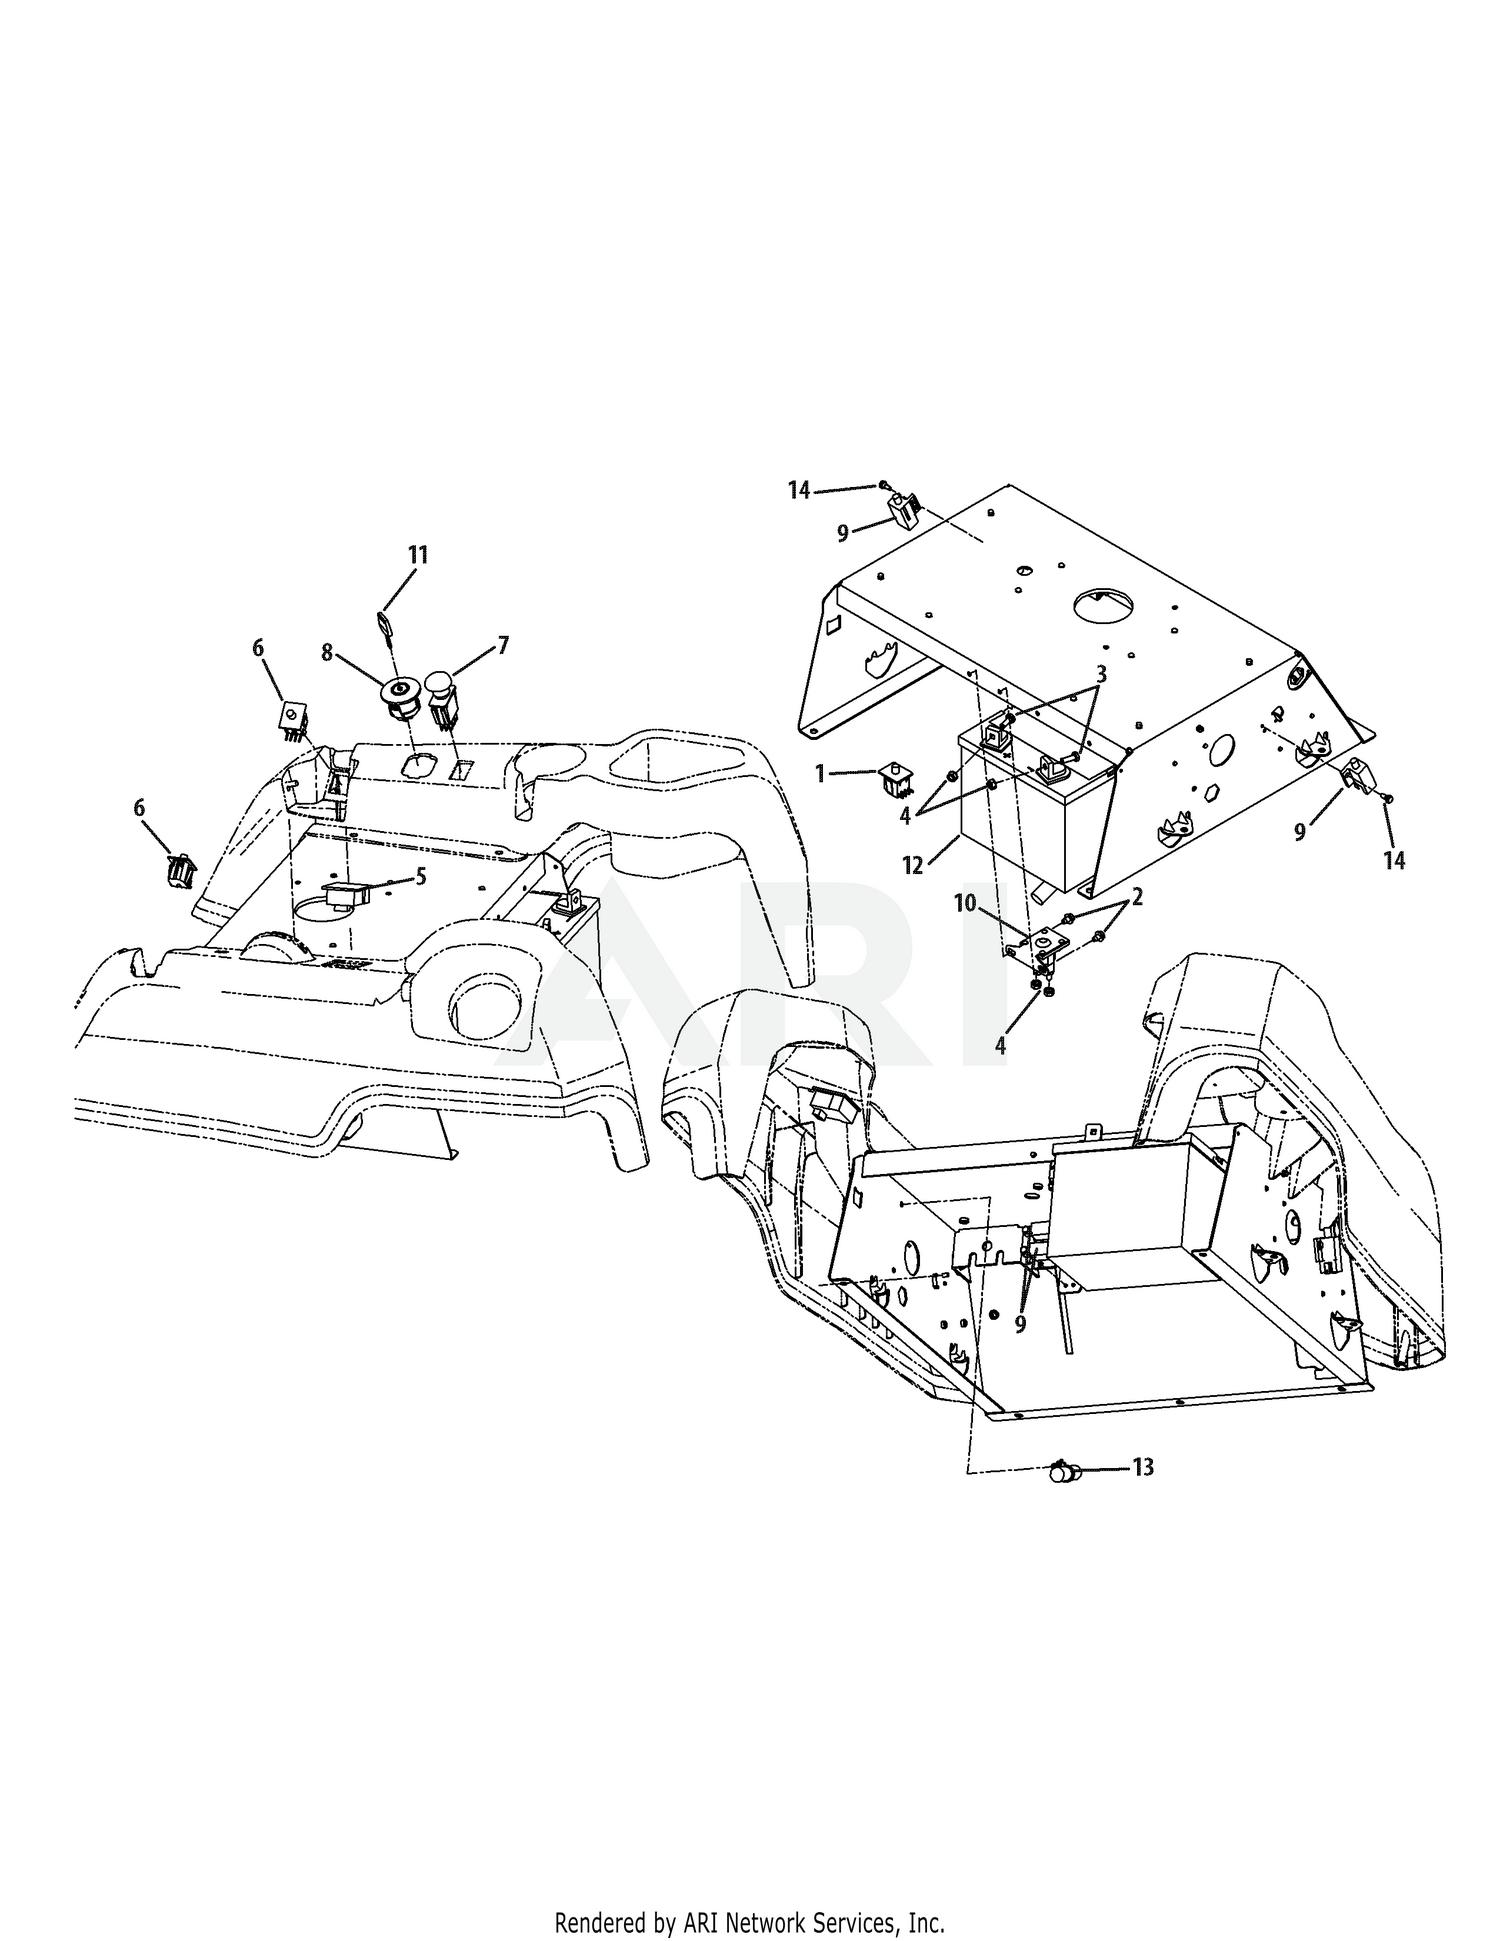 troy bilt engine wiring diagram troy bilt 17bf2acp066 mustang xp  2009  electrical  troy bilt 17bf2acp066 mustang xp  2009